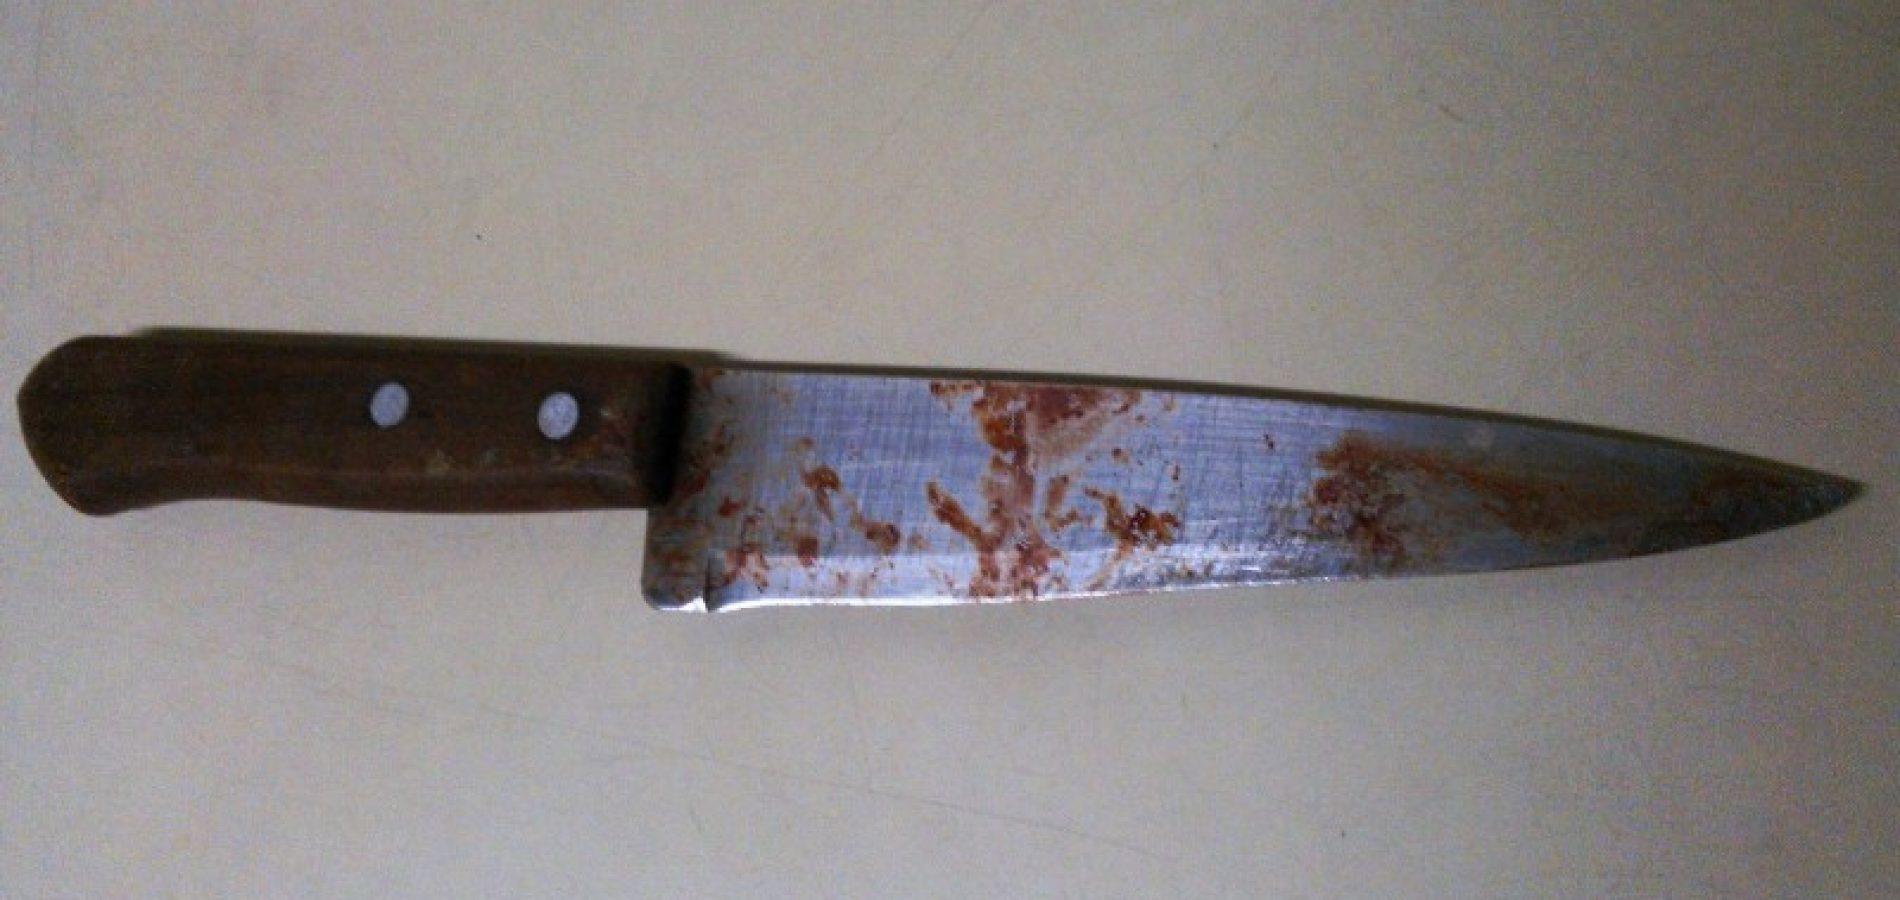 Pai mata filho de 6 anos a facadas dentro de casa e choca a população de Ipubi-PE